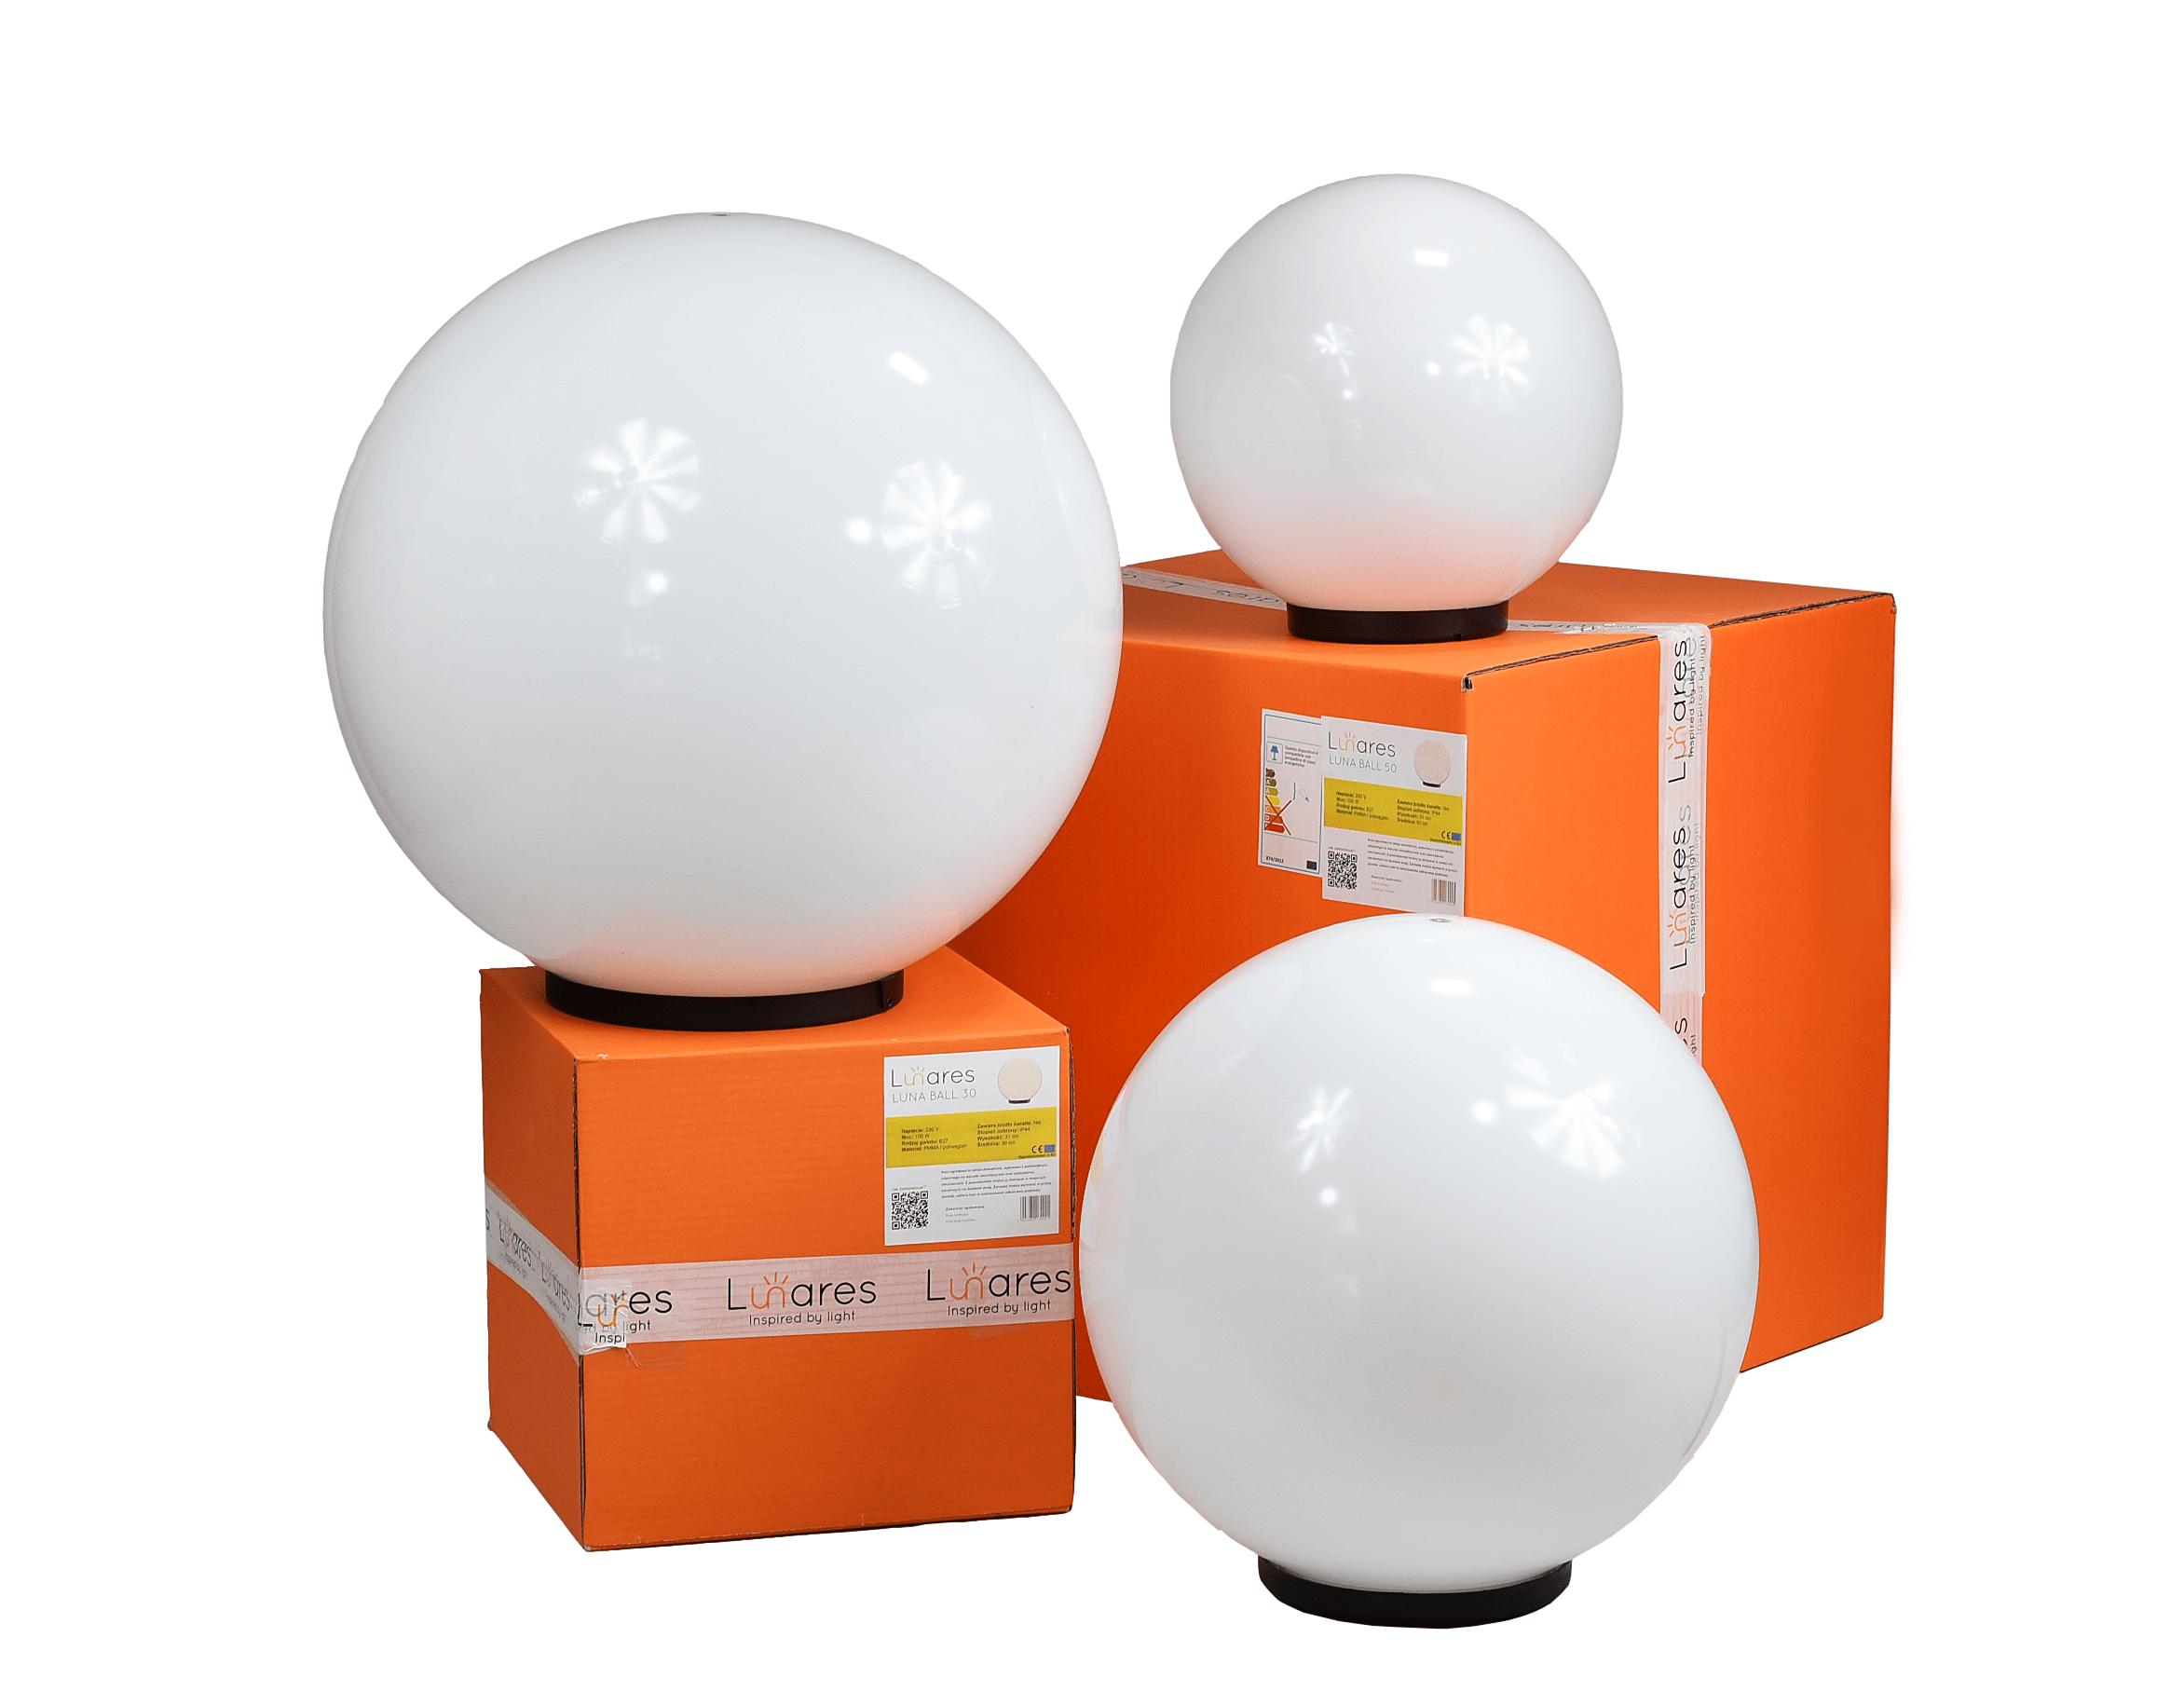 Dekoratív kerti gömbök - Luna Balls 30, 40, 50cm + RGBW izzók távirányítóval